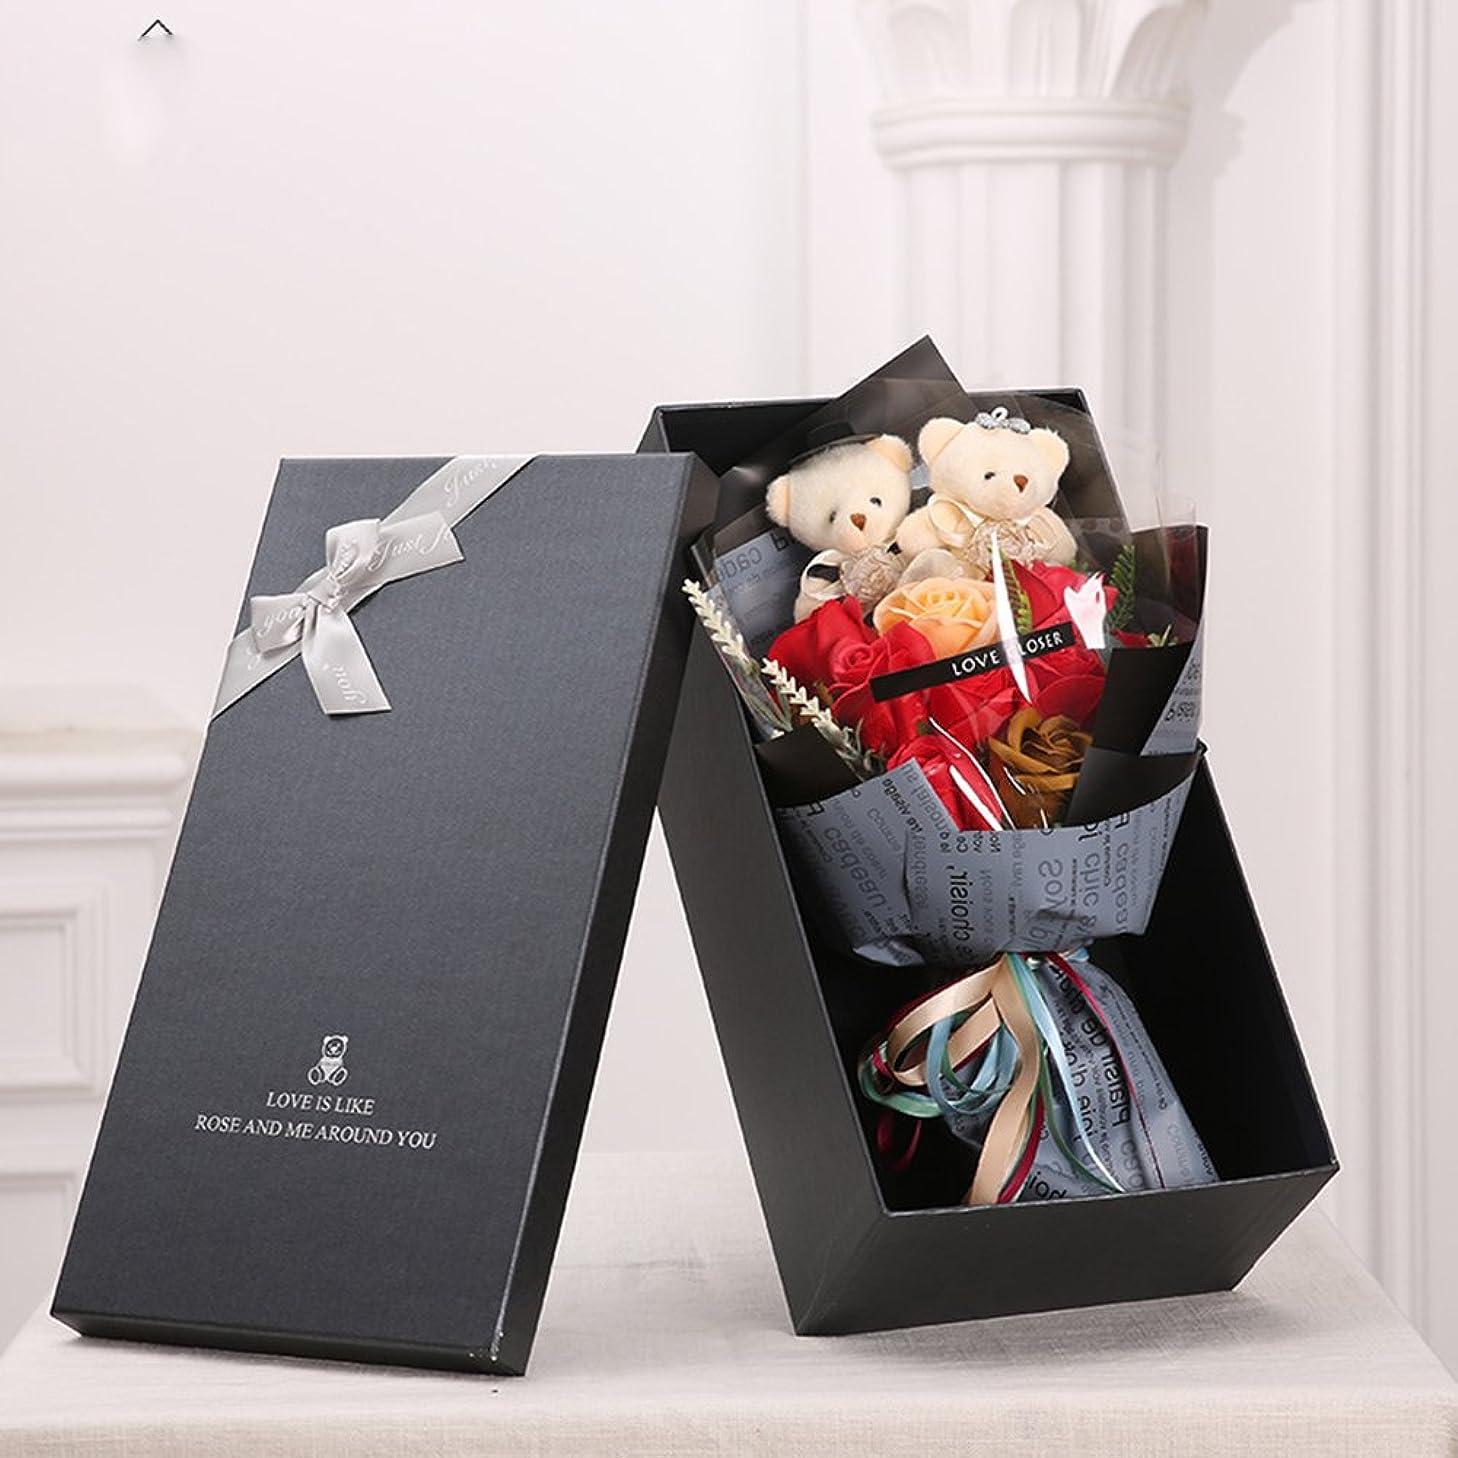 書店ルート忙しいMINENA ソープフラワー 石鹸 花 バラ 造花 花束 二つクマの人形が付き 母の日 誕生日 結婚祝い 結婚記念日バレンタインデー のプレゼントにお勧め (レッド)